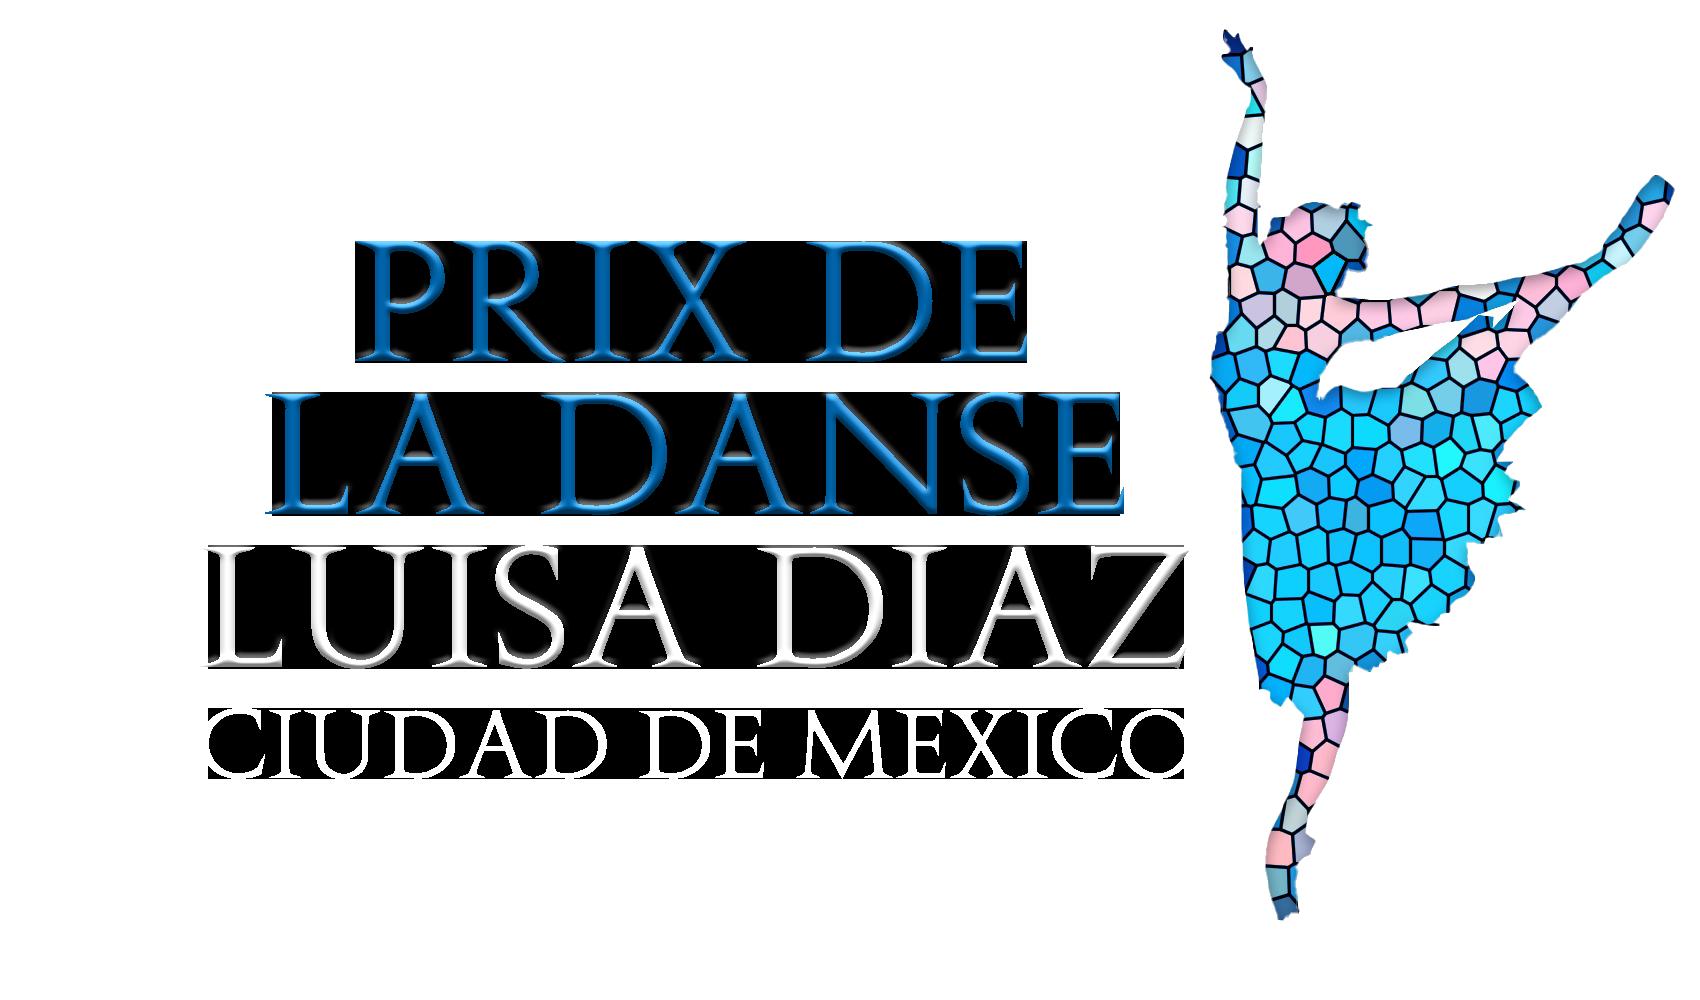 Prix de la Danse Luisa Diaz Ciudad de Mexico